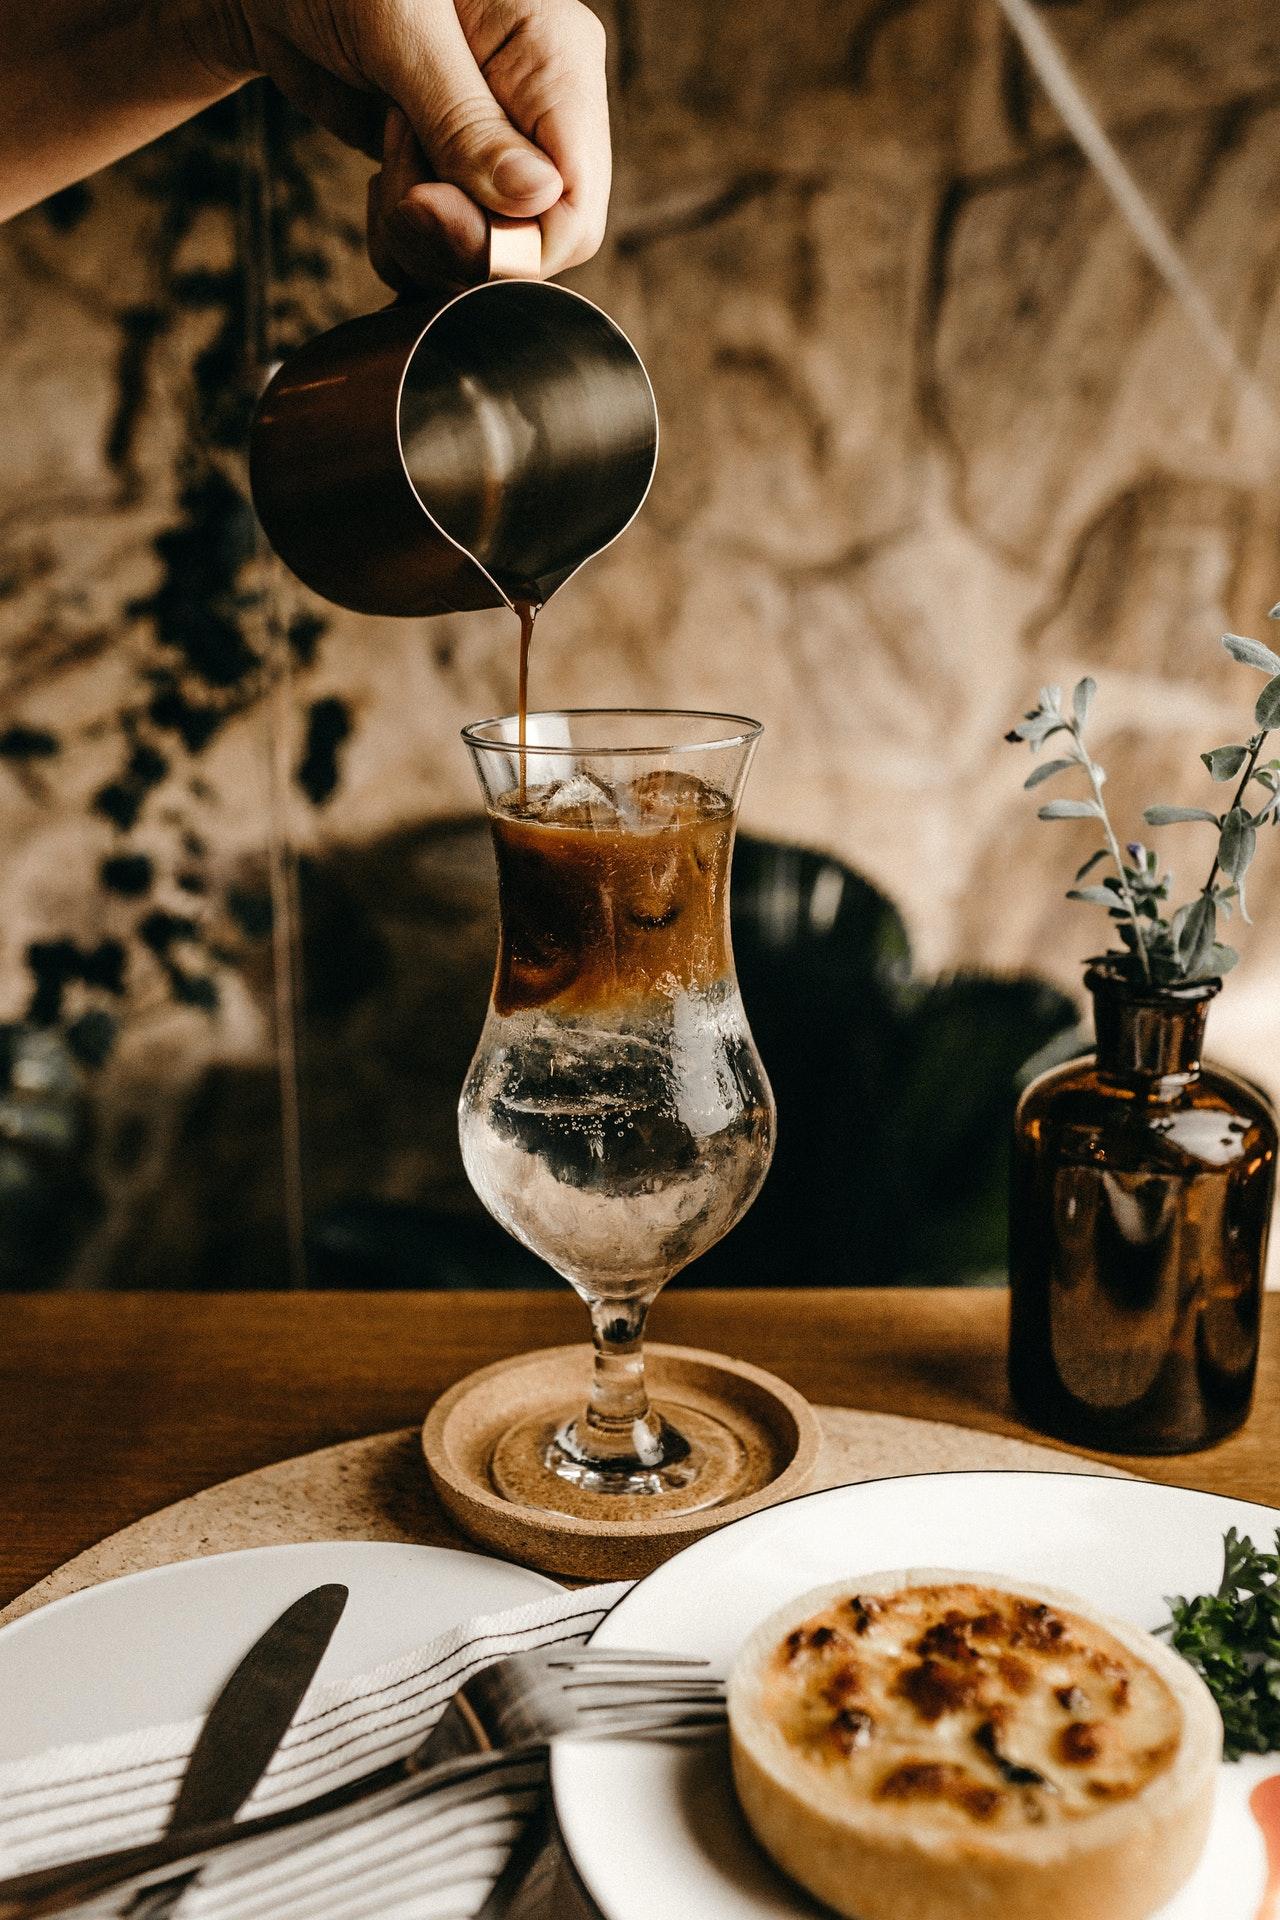 طريقة عمل القهوة الاسبريسو